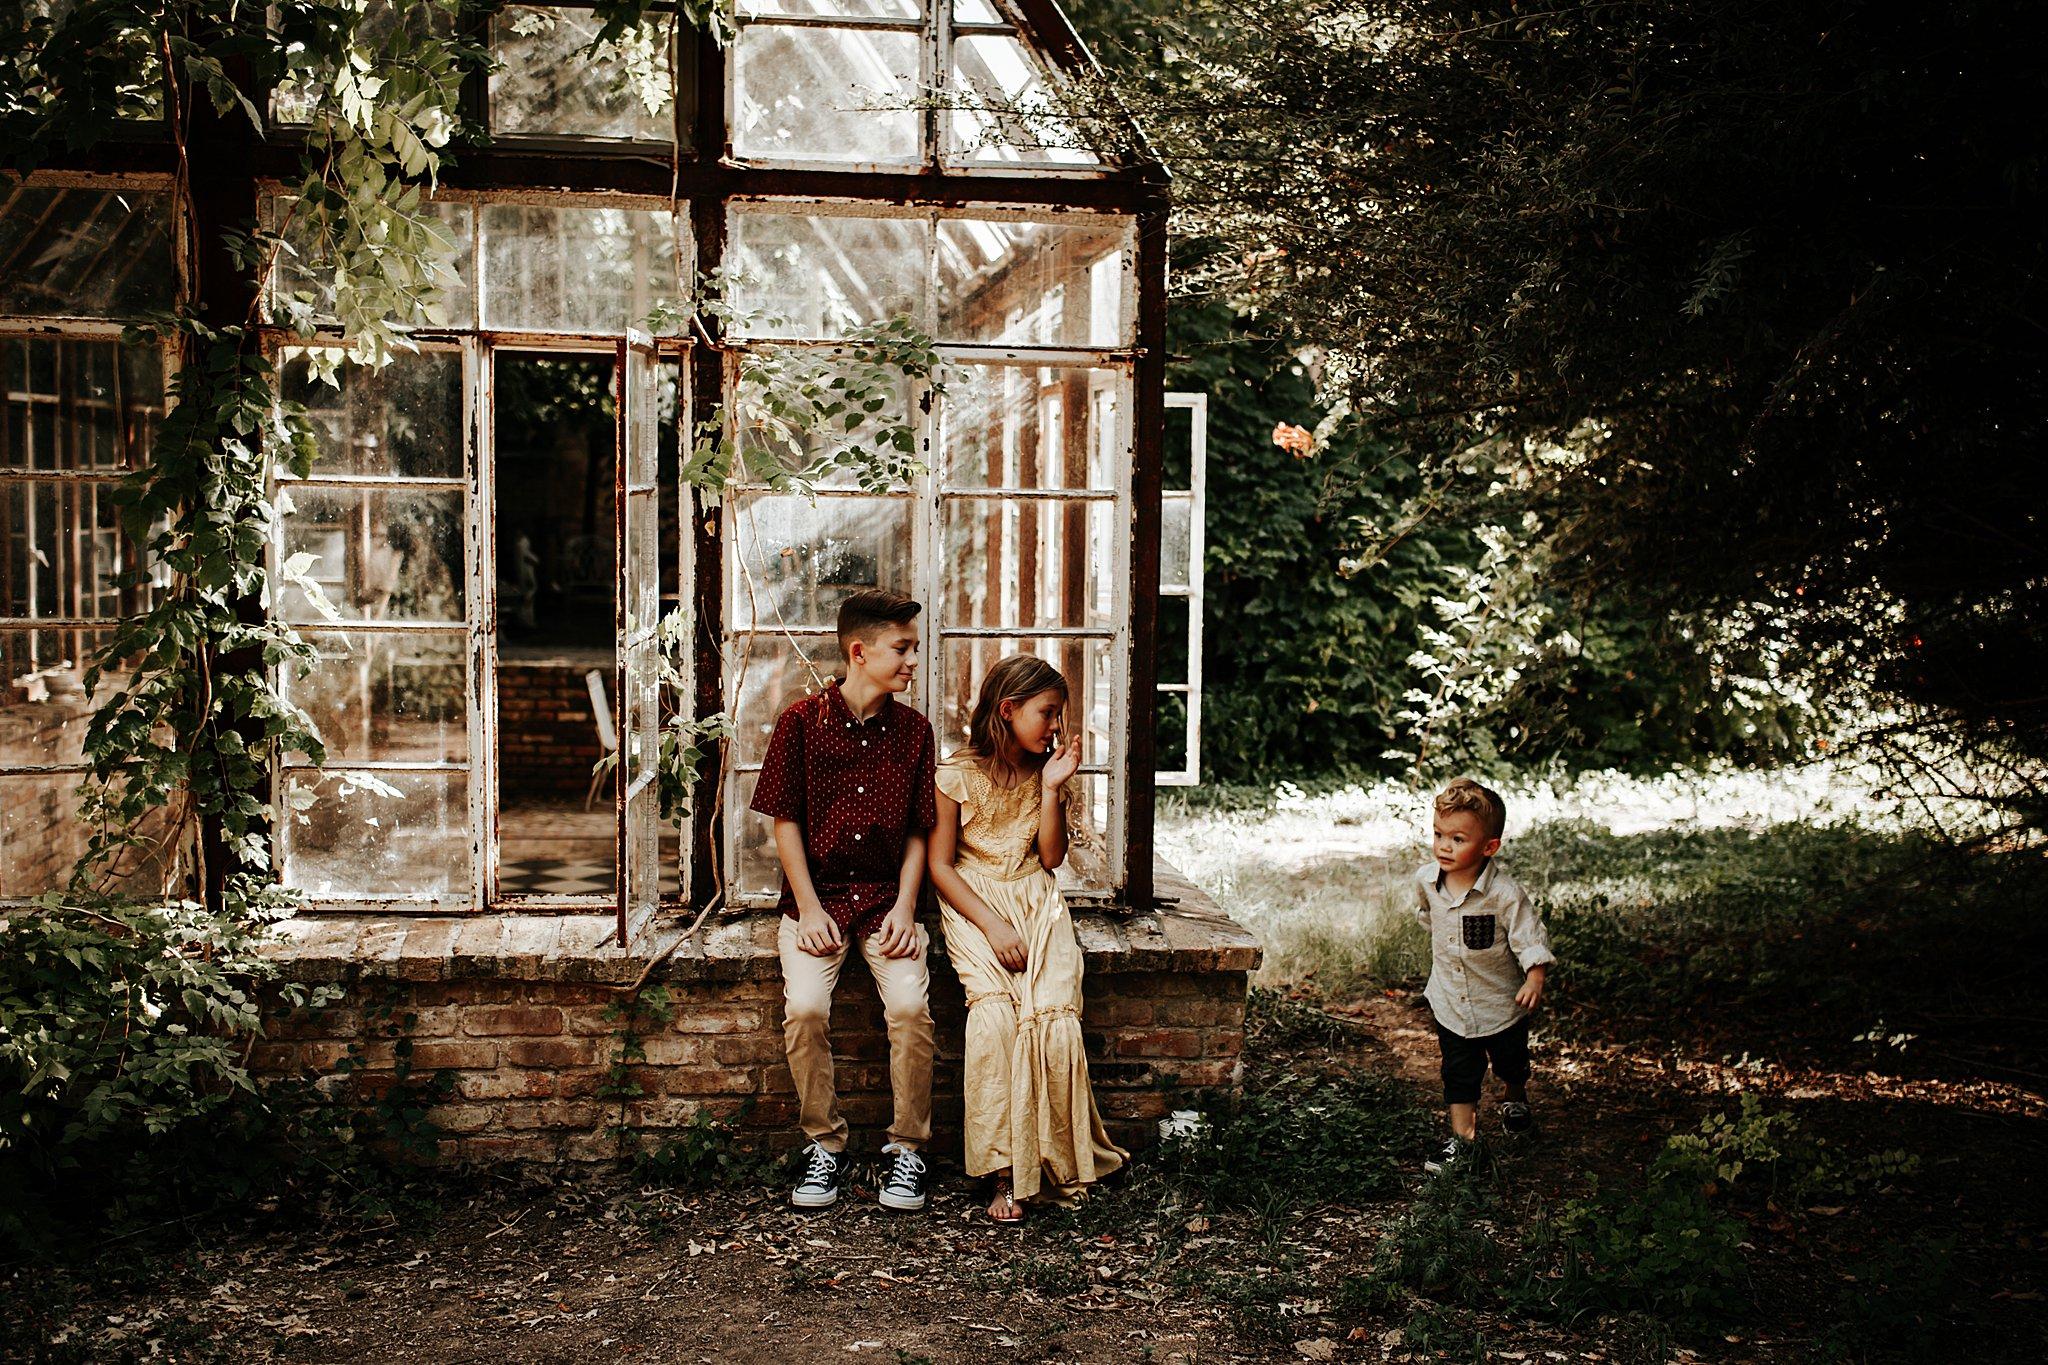 Ohara-San-Antonio-Family-Photographer-105_WEB.jpg